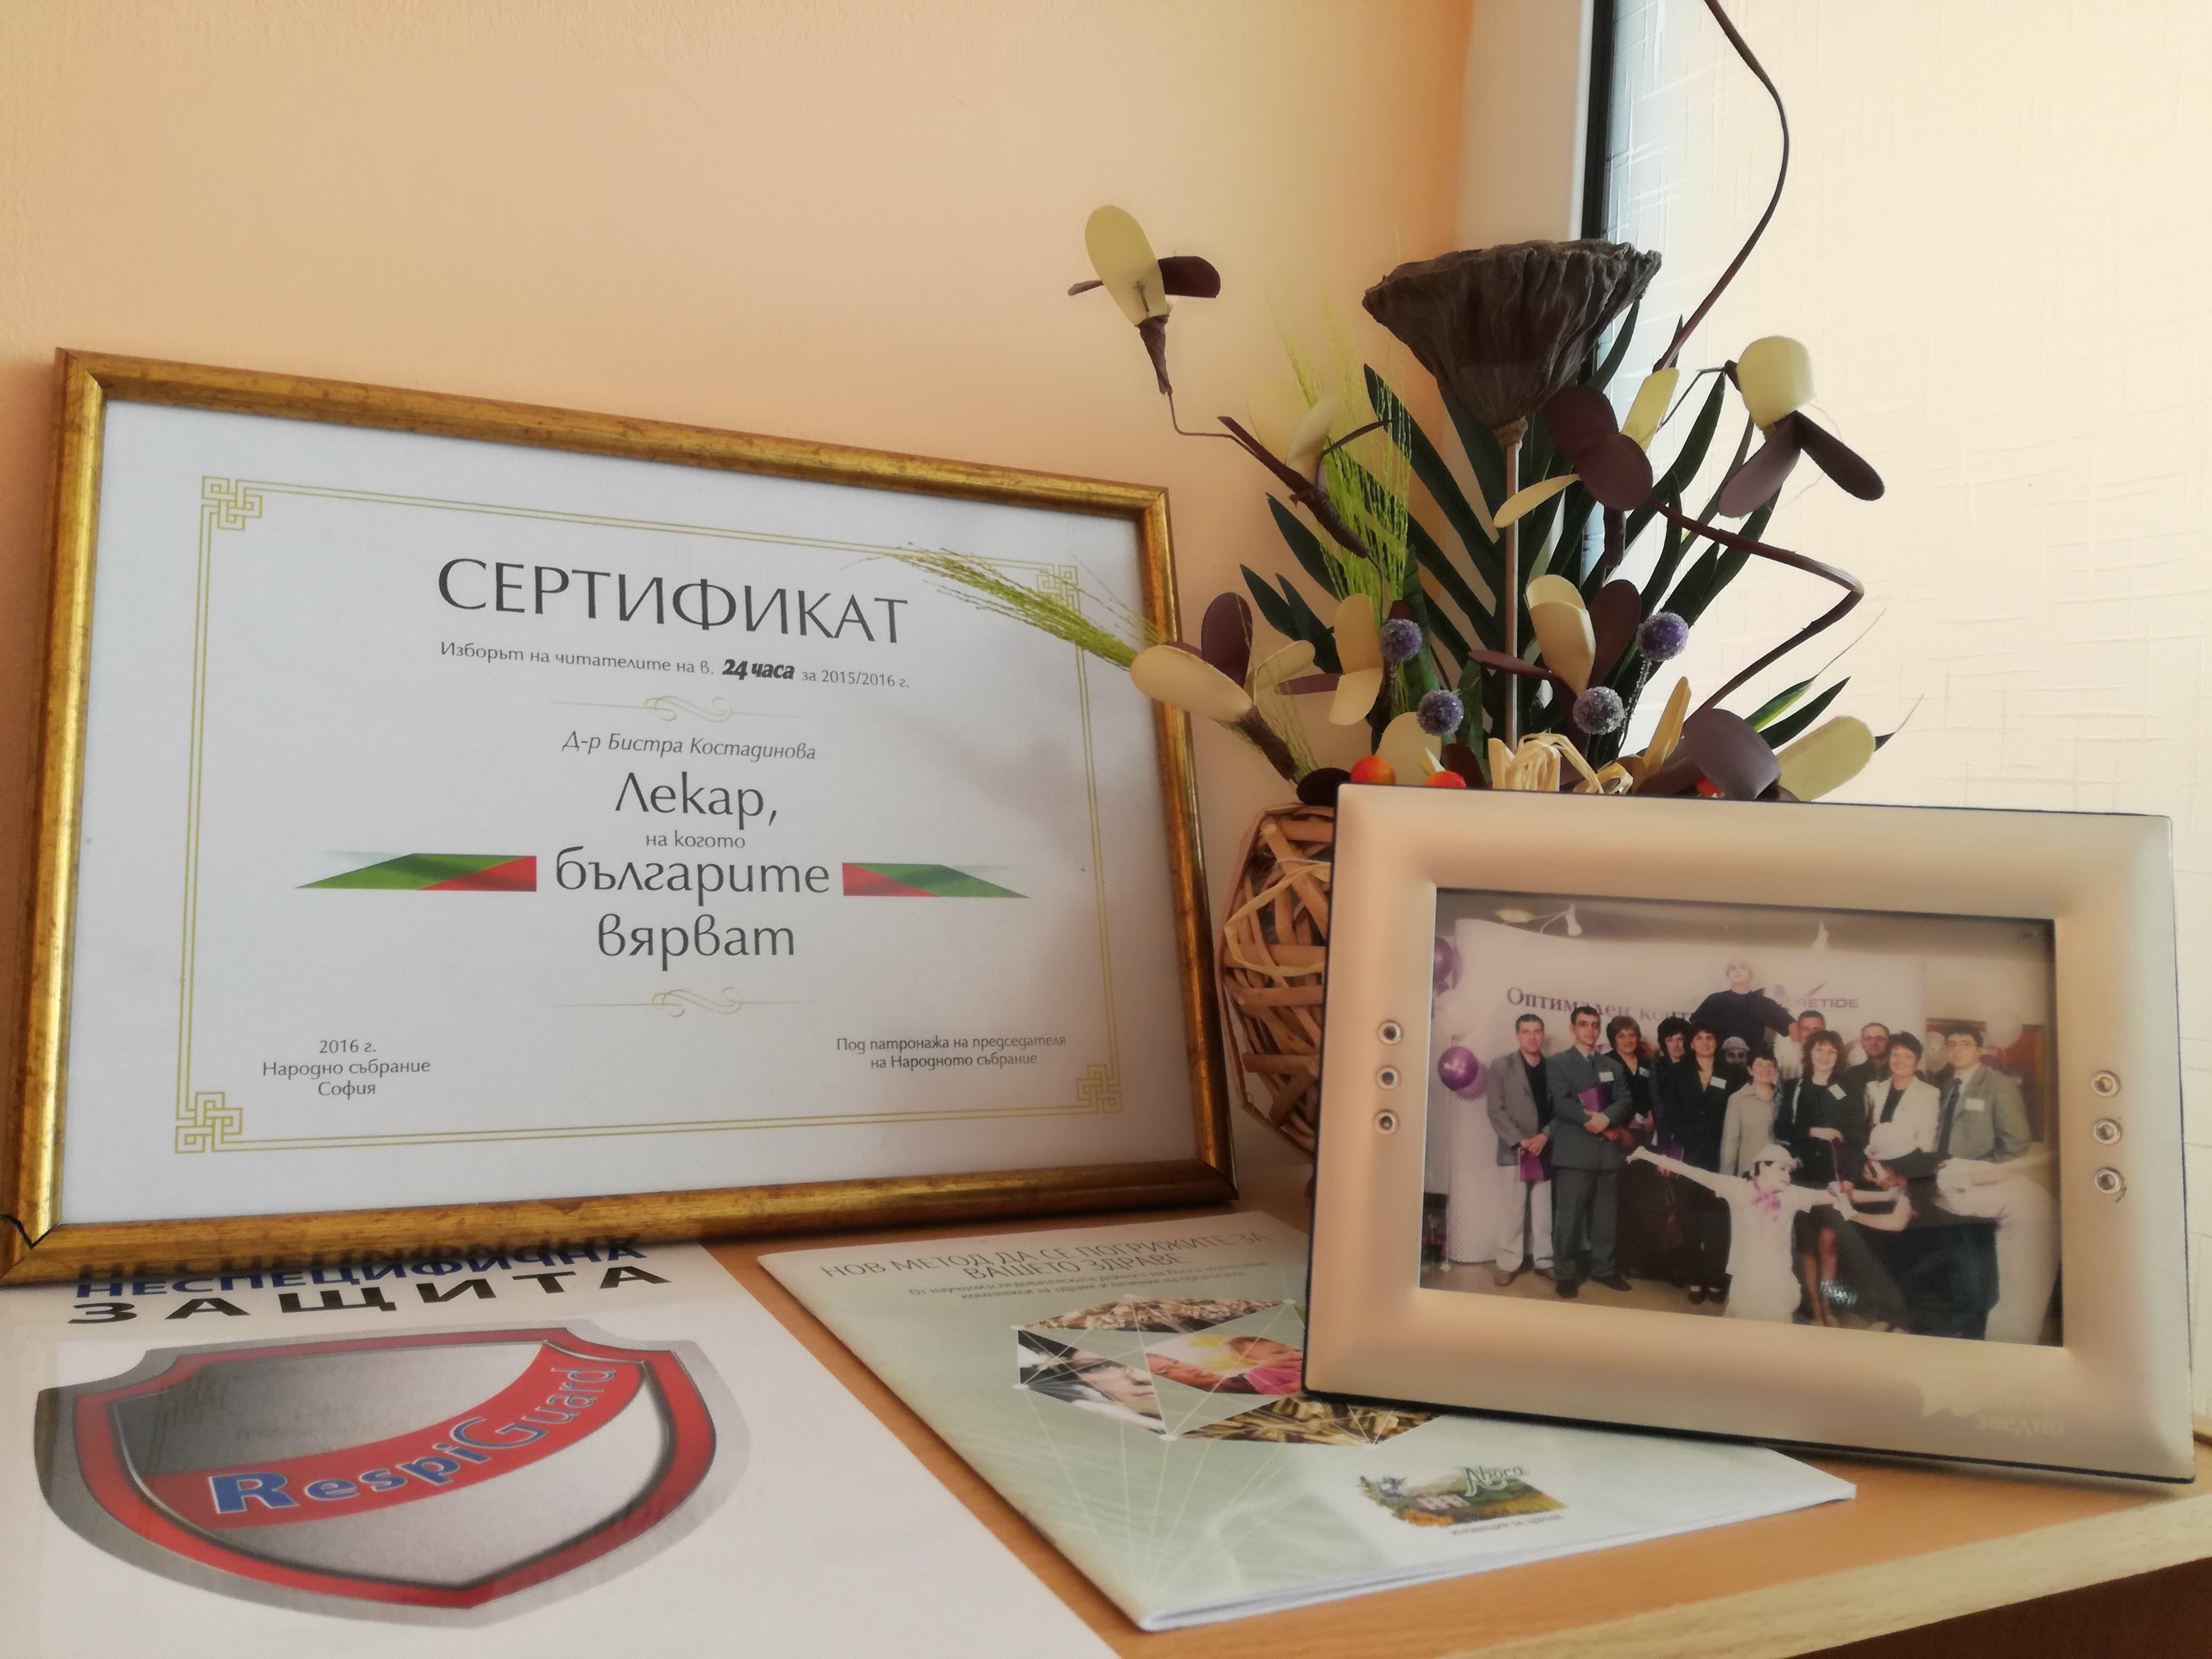 Д-р Бистра Стефанова, гр. Стара Загора